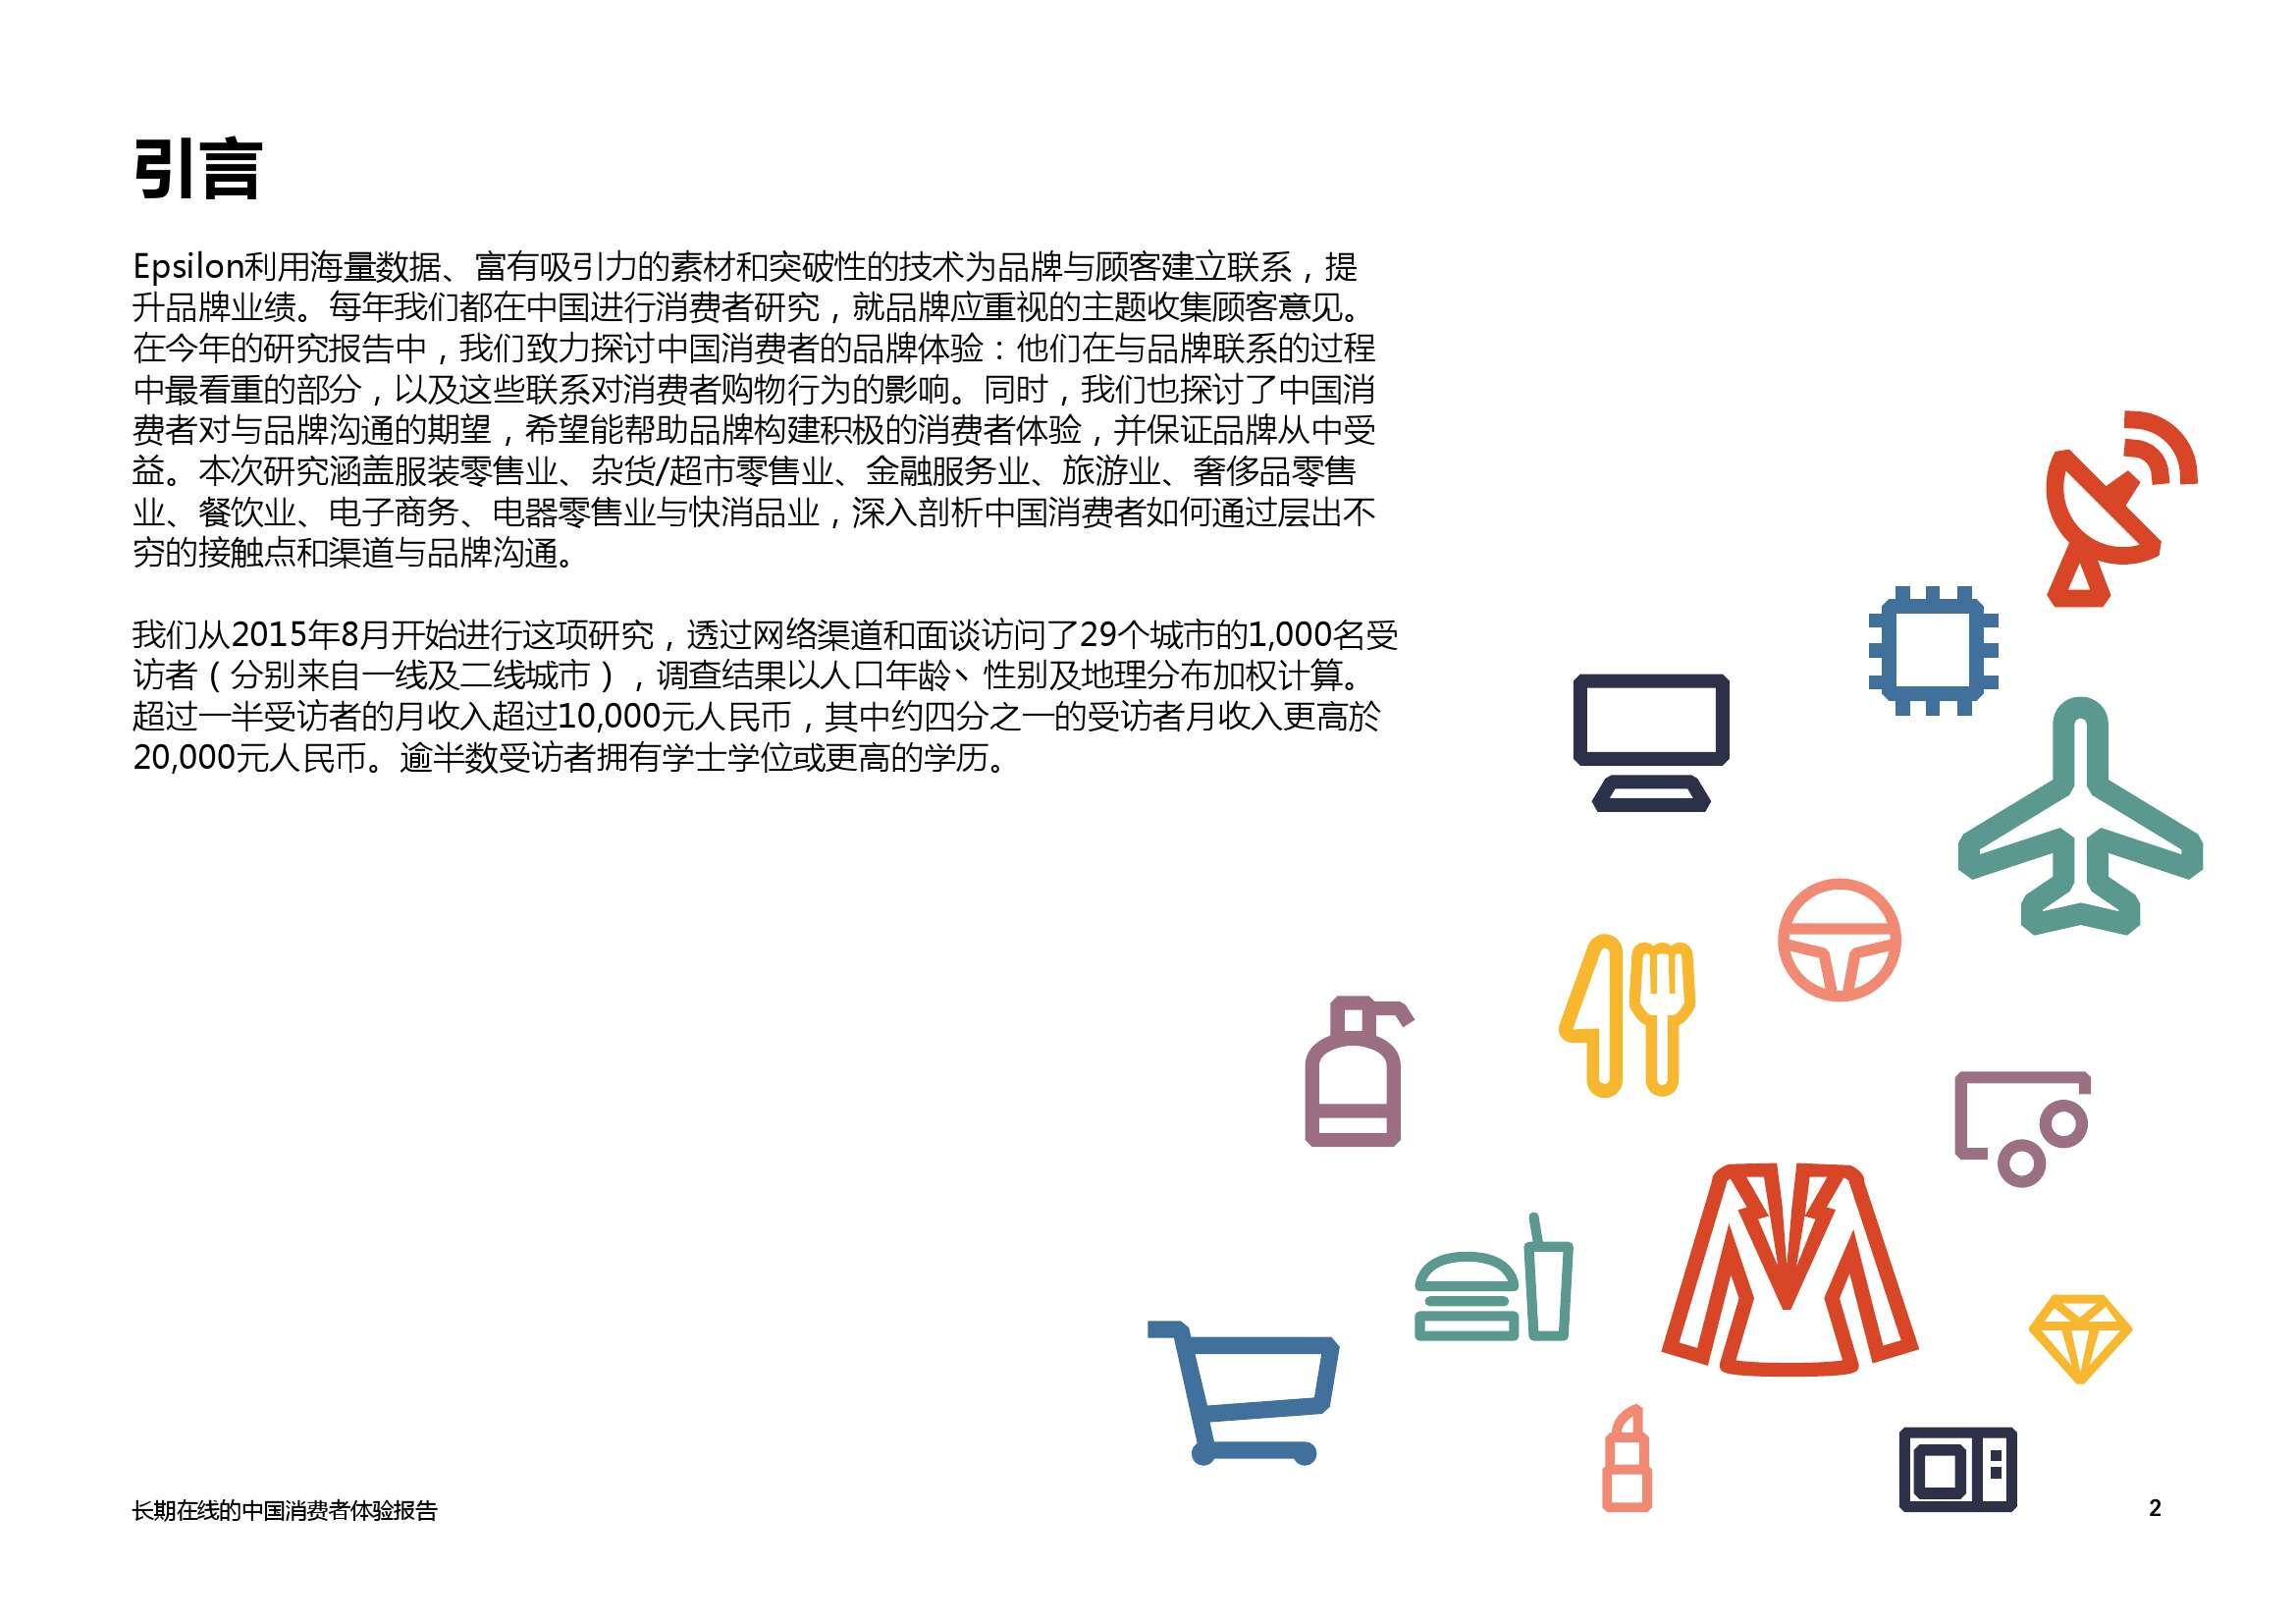 艾司隆 (Epsilon):2015中国消费者品牌体验报告_000002